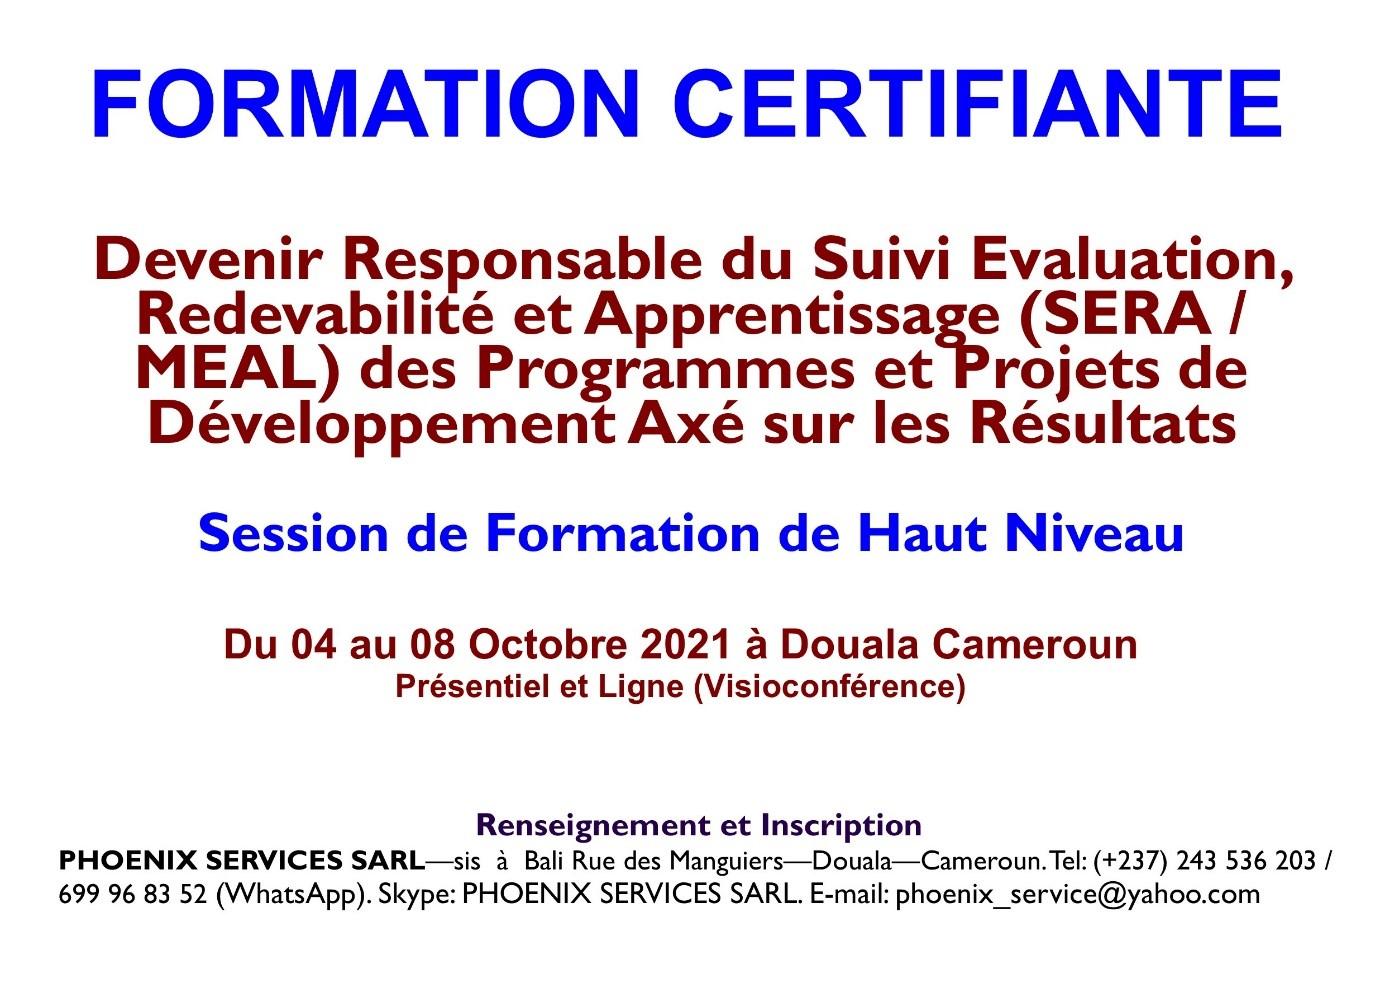 Formation Certifiante: Devenir Responsable du Suivi - Evaluation Redevabilité et Apprentissage (SERA / MEAL) des Programmes et Projets de Développement axé sur les résultats